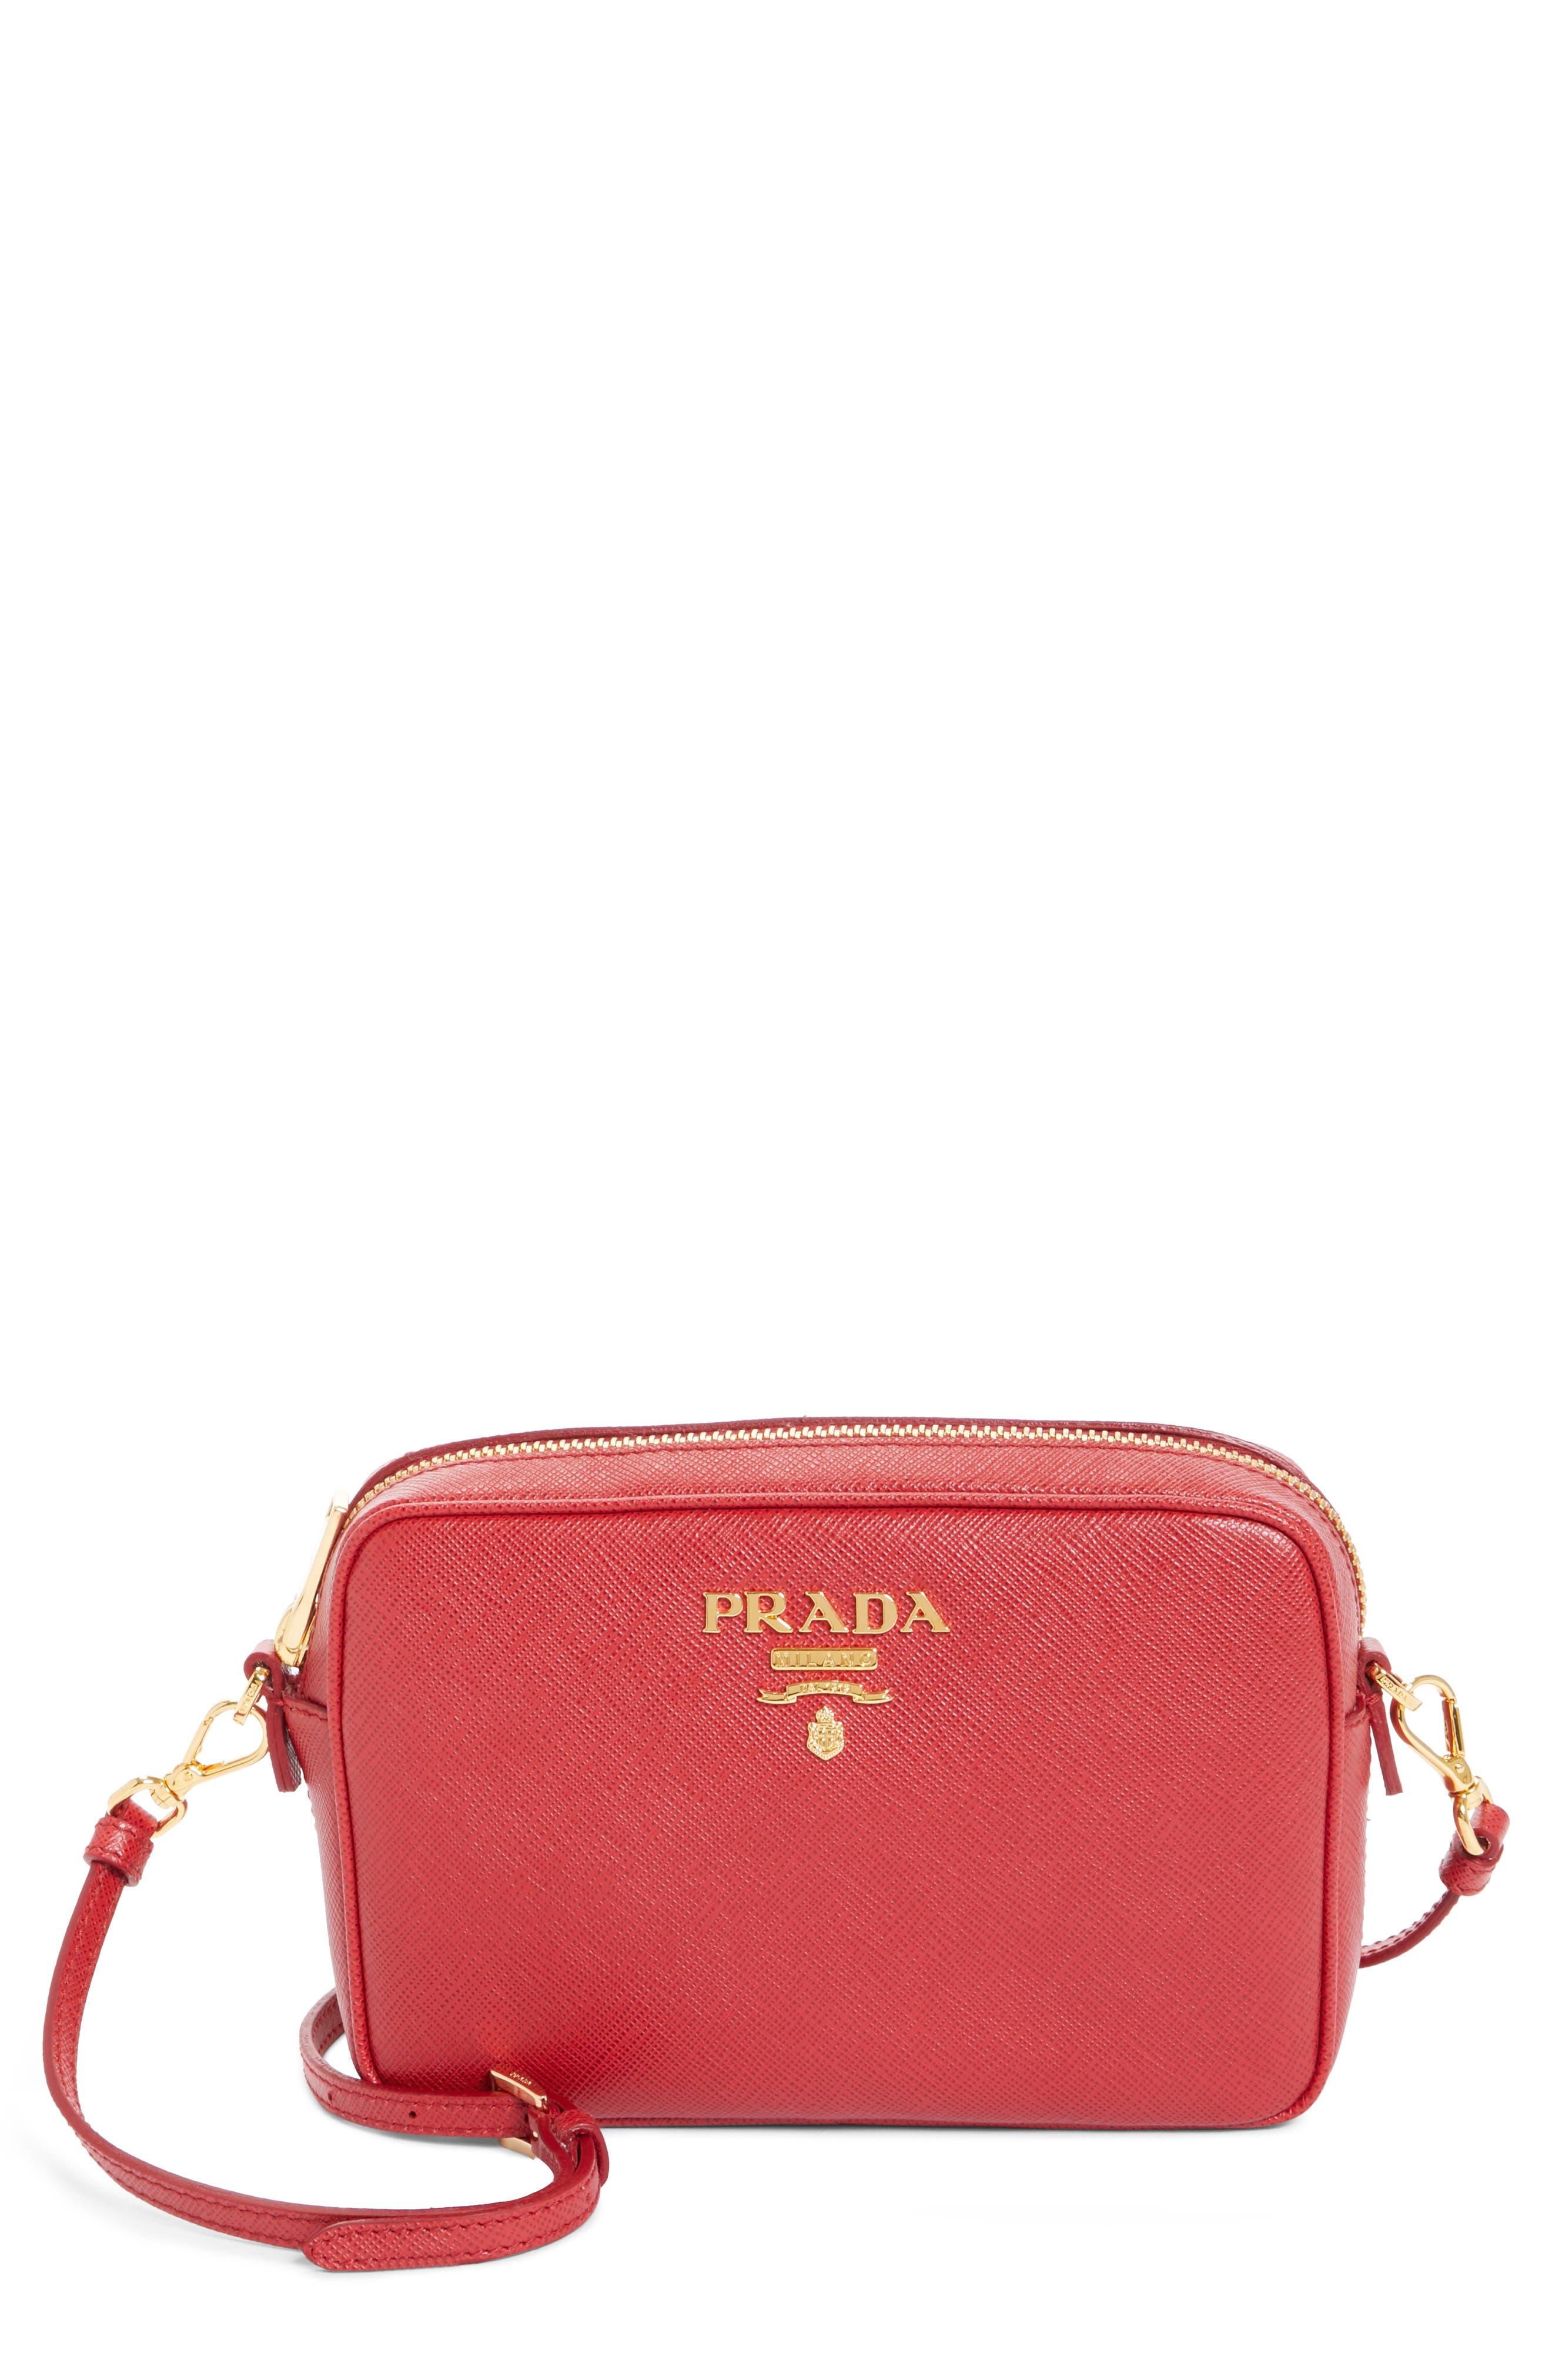 Prada Small Saffiano Leather Camera Bag